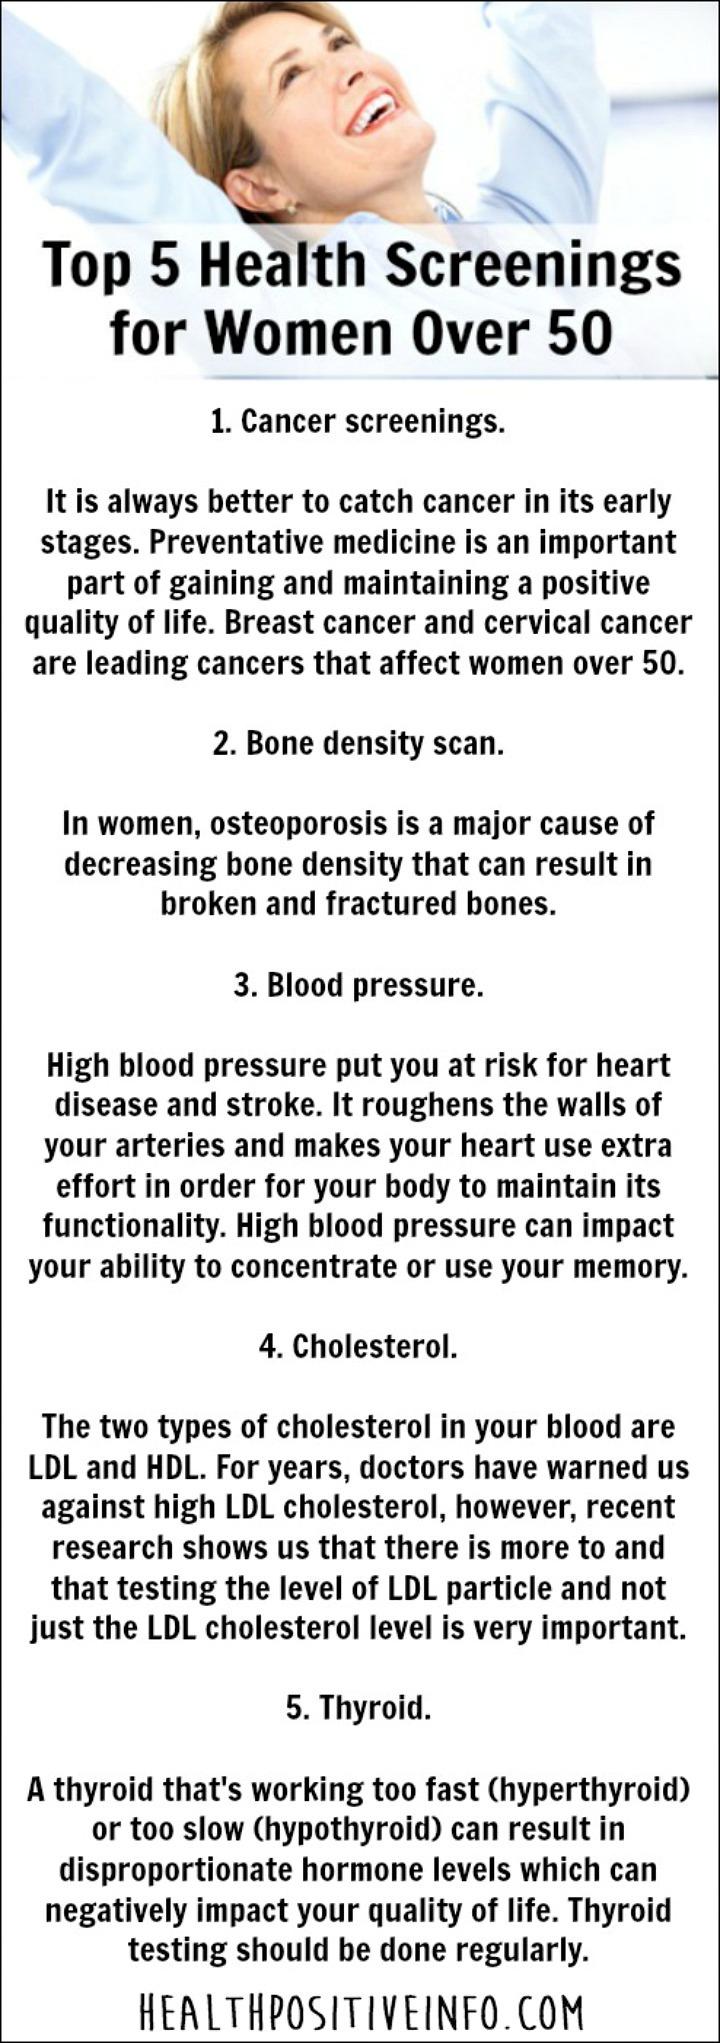 Top 5 Health Screenings for Women Over 50 - https://healthpositiveinfo.com/health-screenings-women-over-50.html